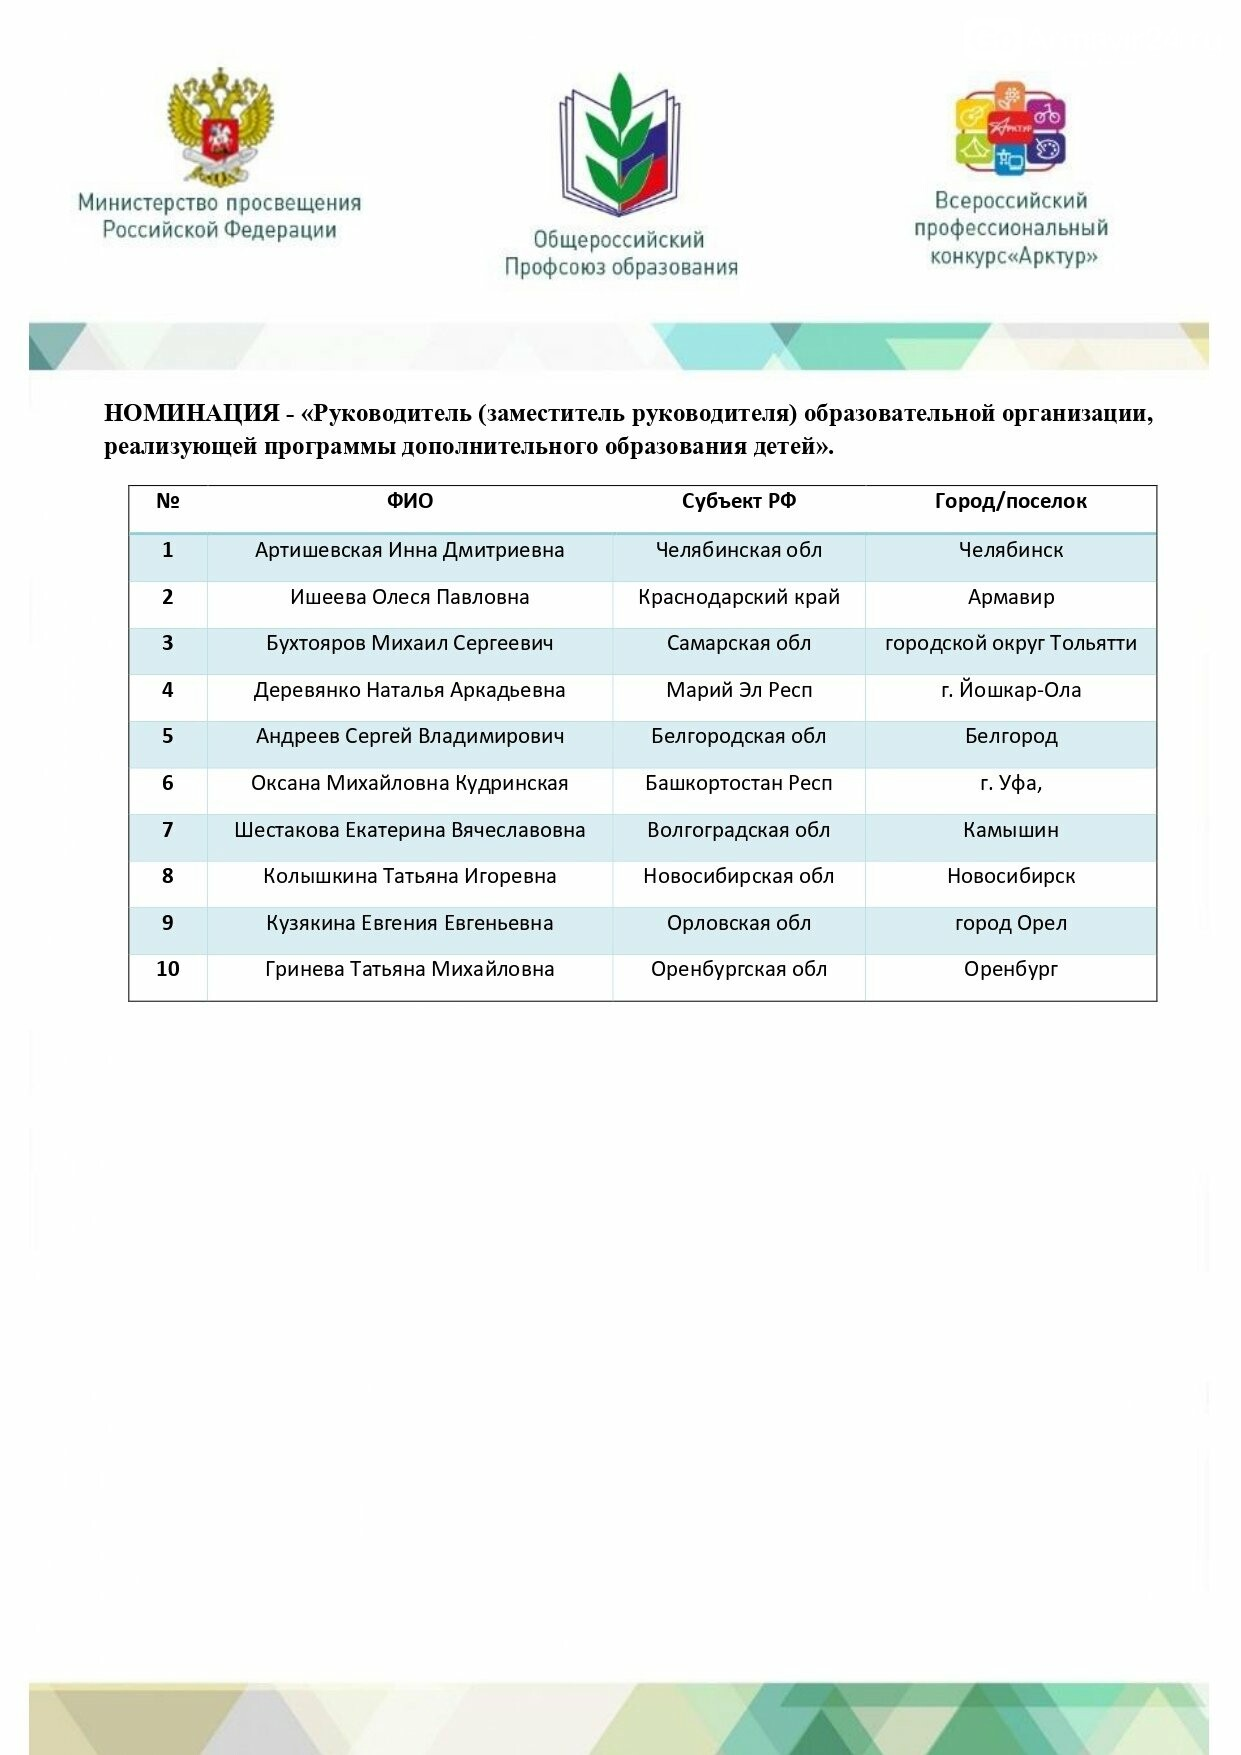 Директор армавирского ДДЮТ в финале всероссийского конкурса представит Краснодарский край, фото-1